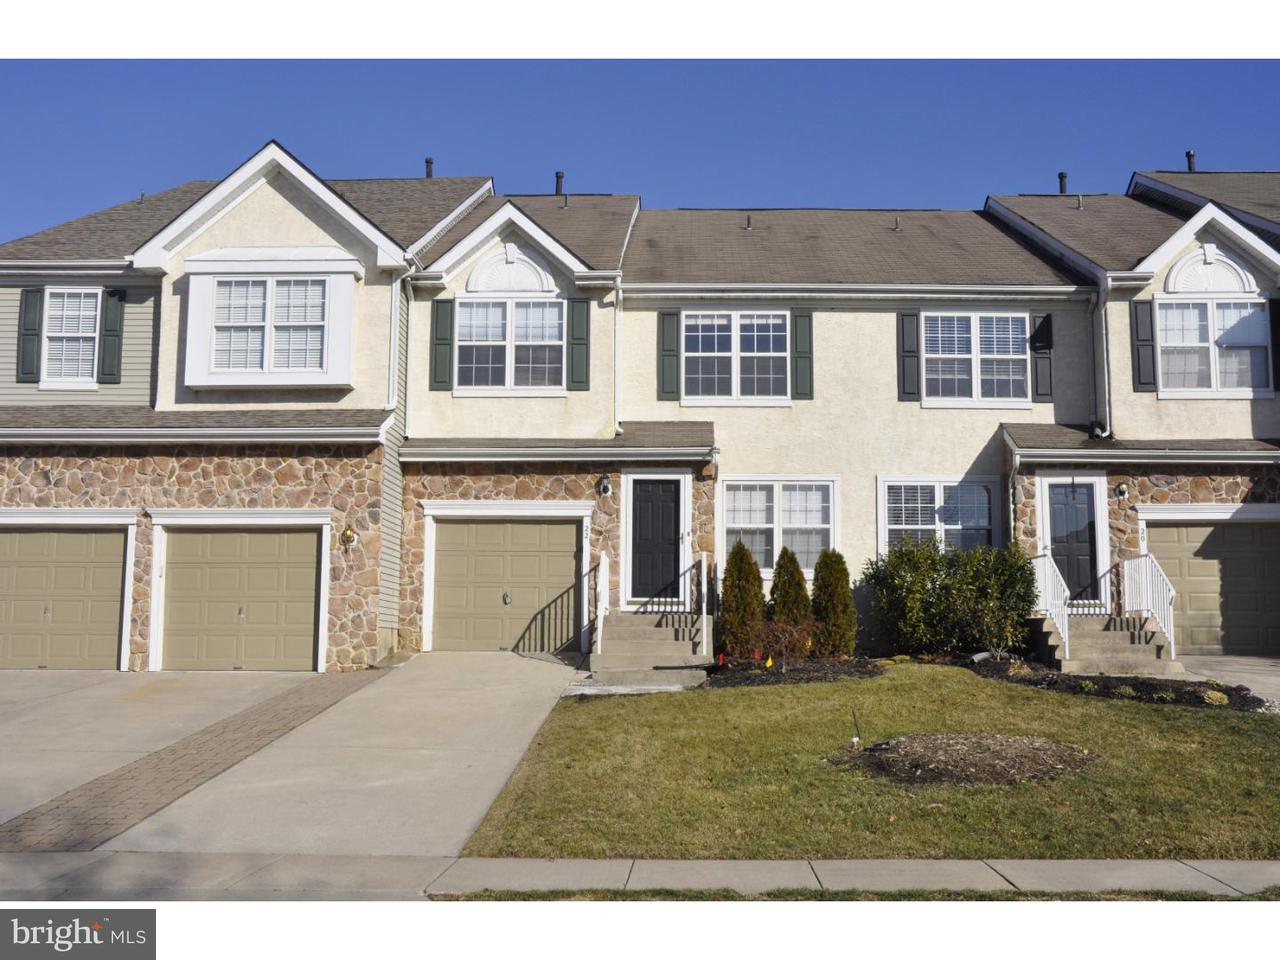 Casa unifamiliar adosada (Townhouse) por un Alquiler en 22 HEARTHSTONE Lane Evesham Twp, Nueva Jersey 08053 Estados Unidos